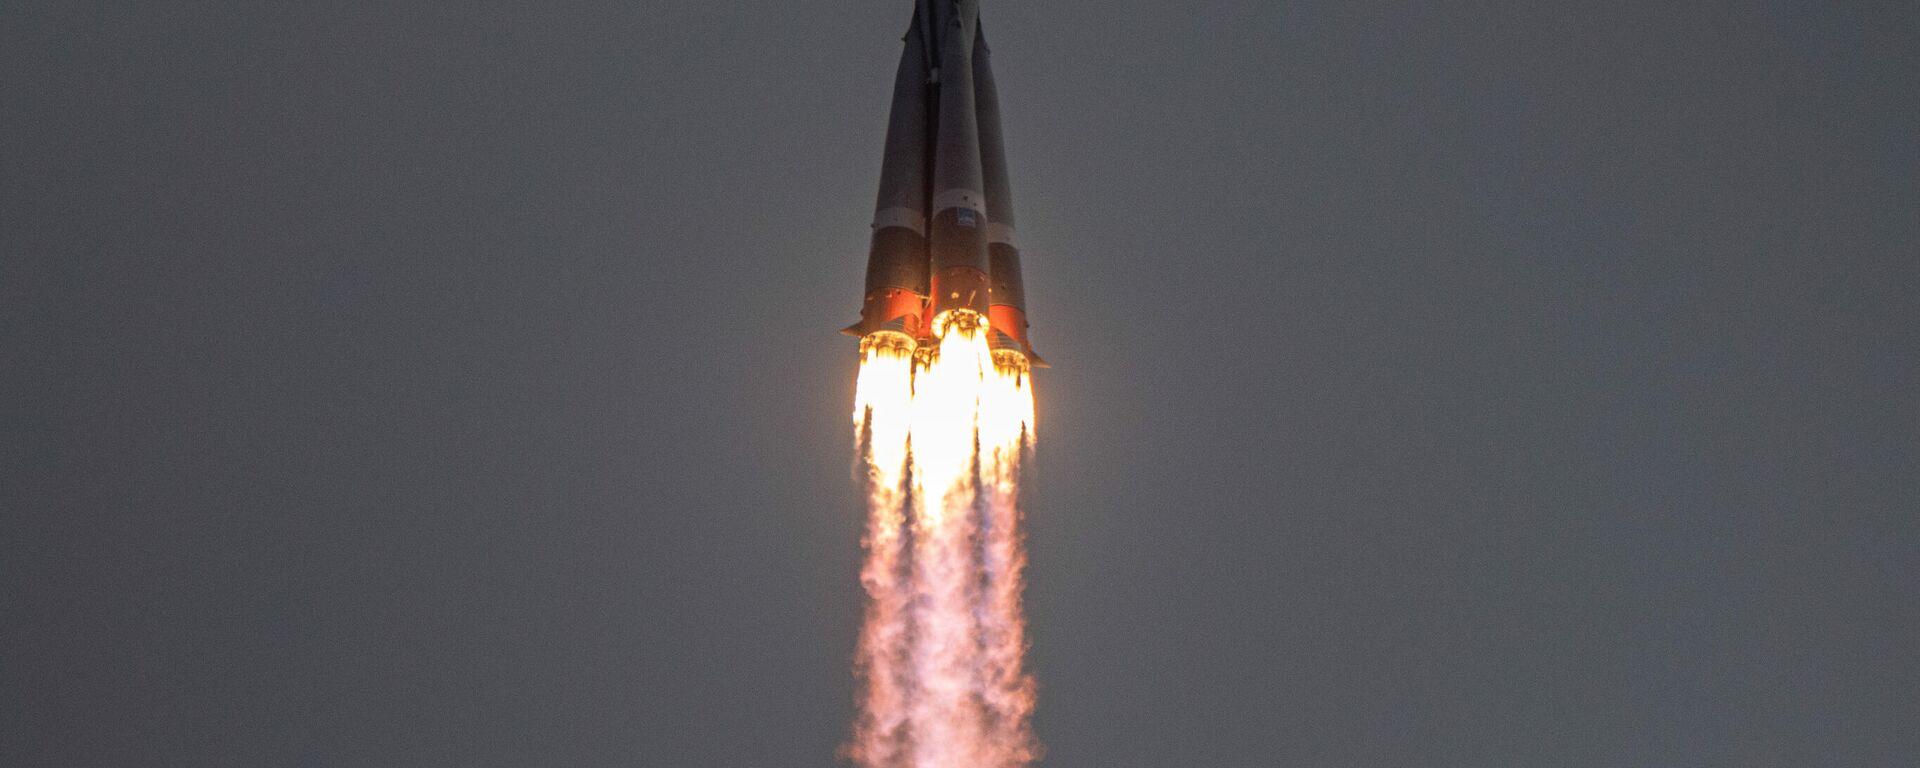 Lanzamiento del cohete Soyuz 2.1b el abril de 2021 - Sputnik Mundo, 1920, 28.05.2021